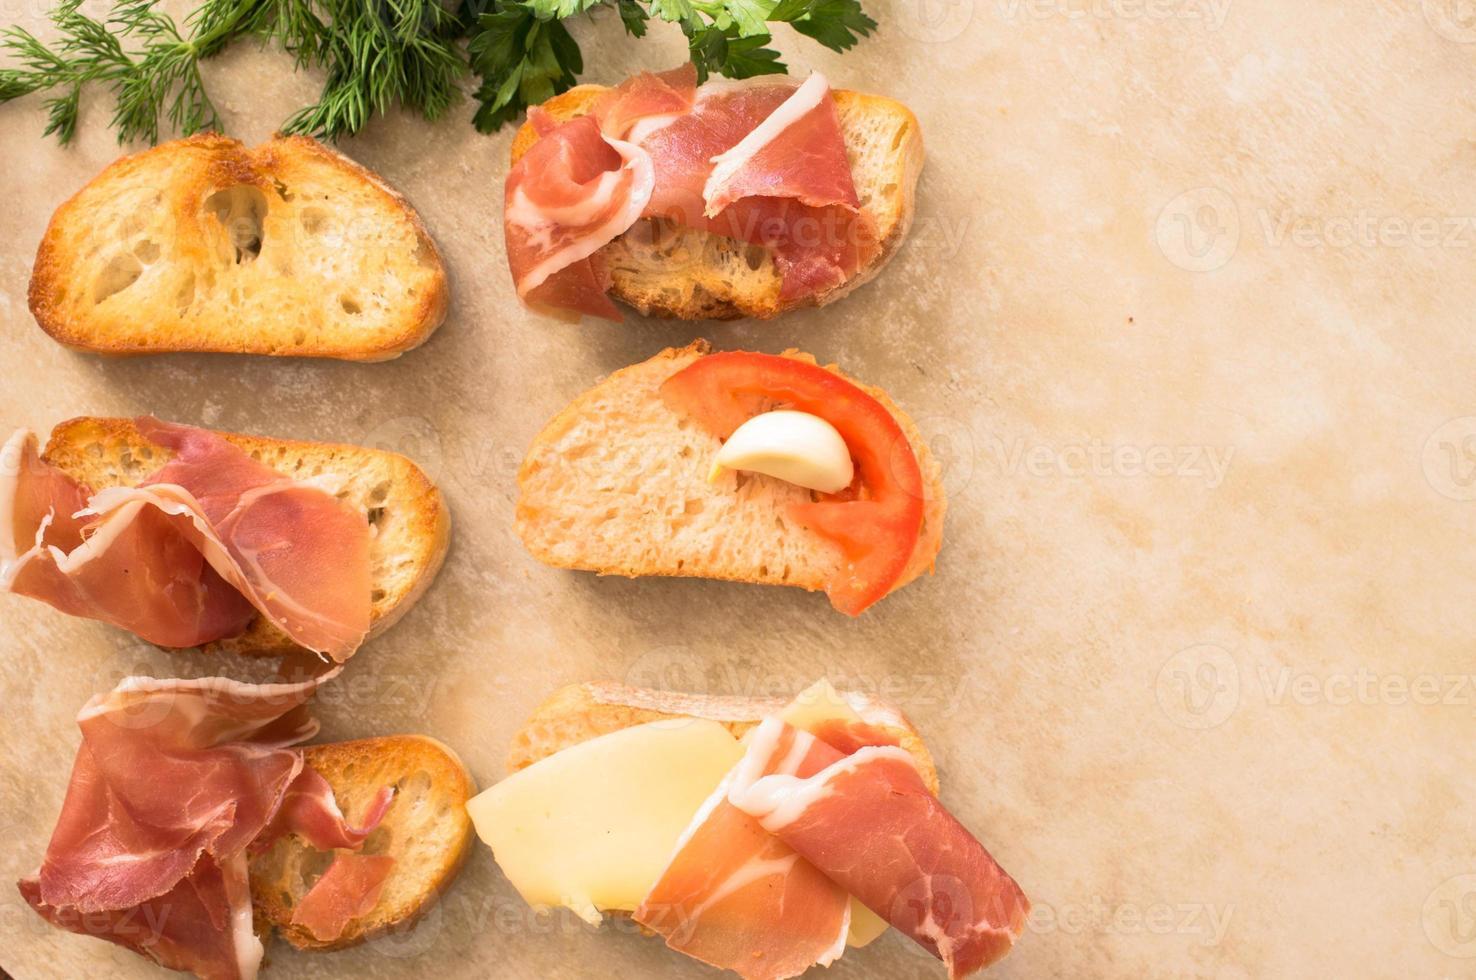 variedade de tapas com carne, queijo e legumes foto